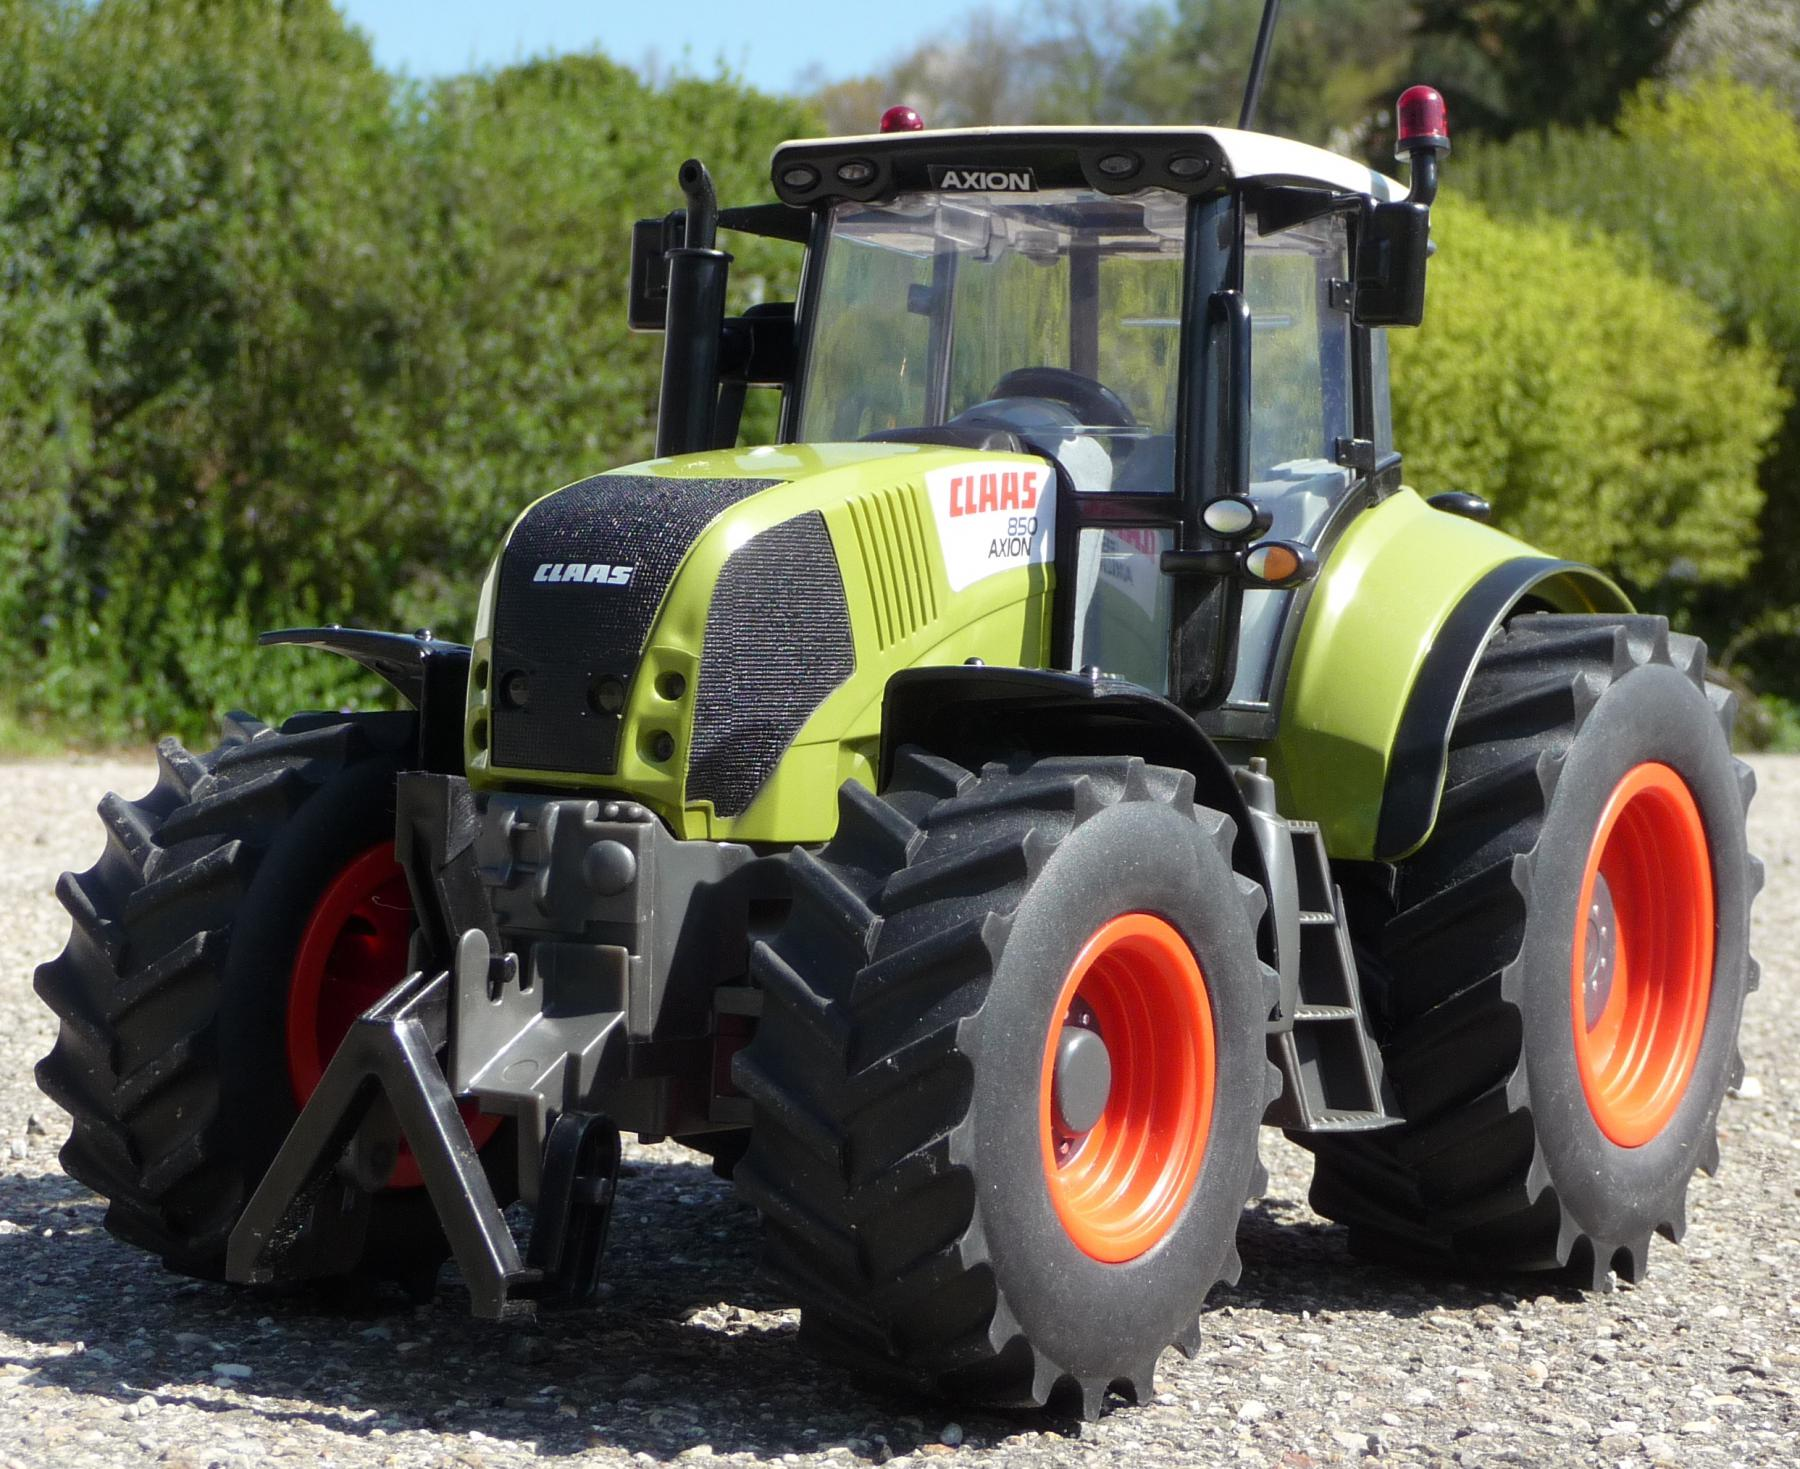 rc traktor xl claas axion 850 mit licht gr e 35cm ferngesteuert 27mhz kaufen bei wim shop